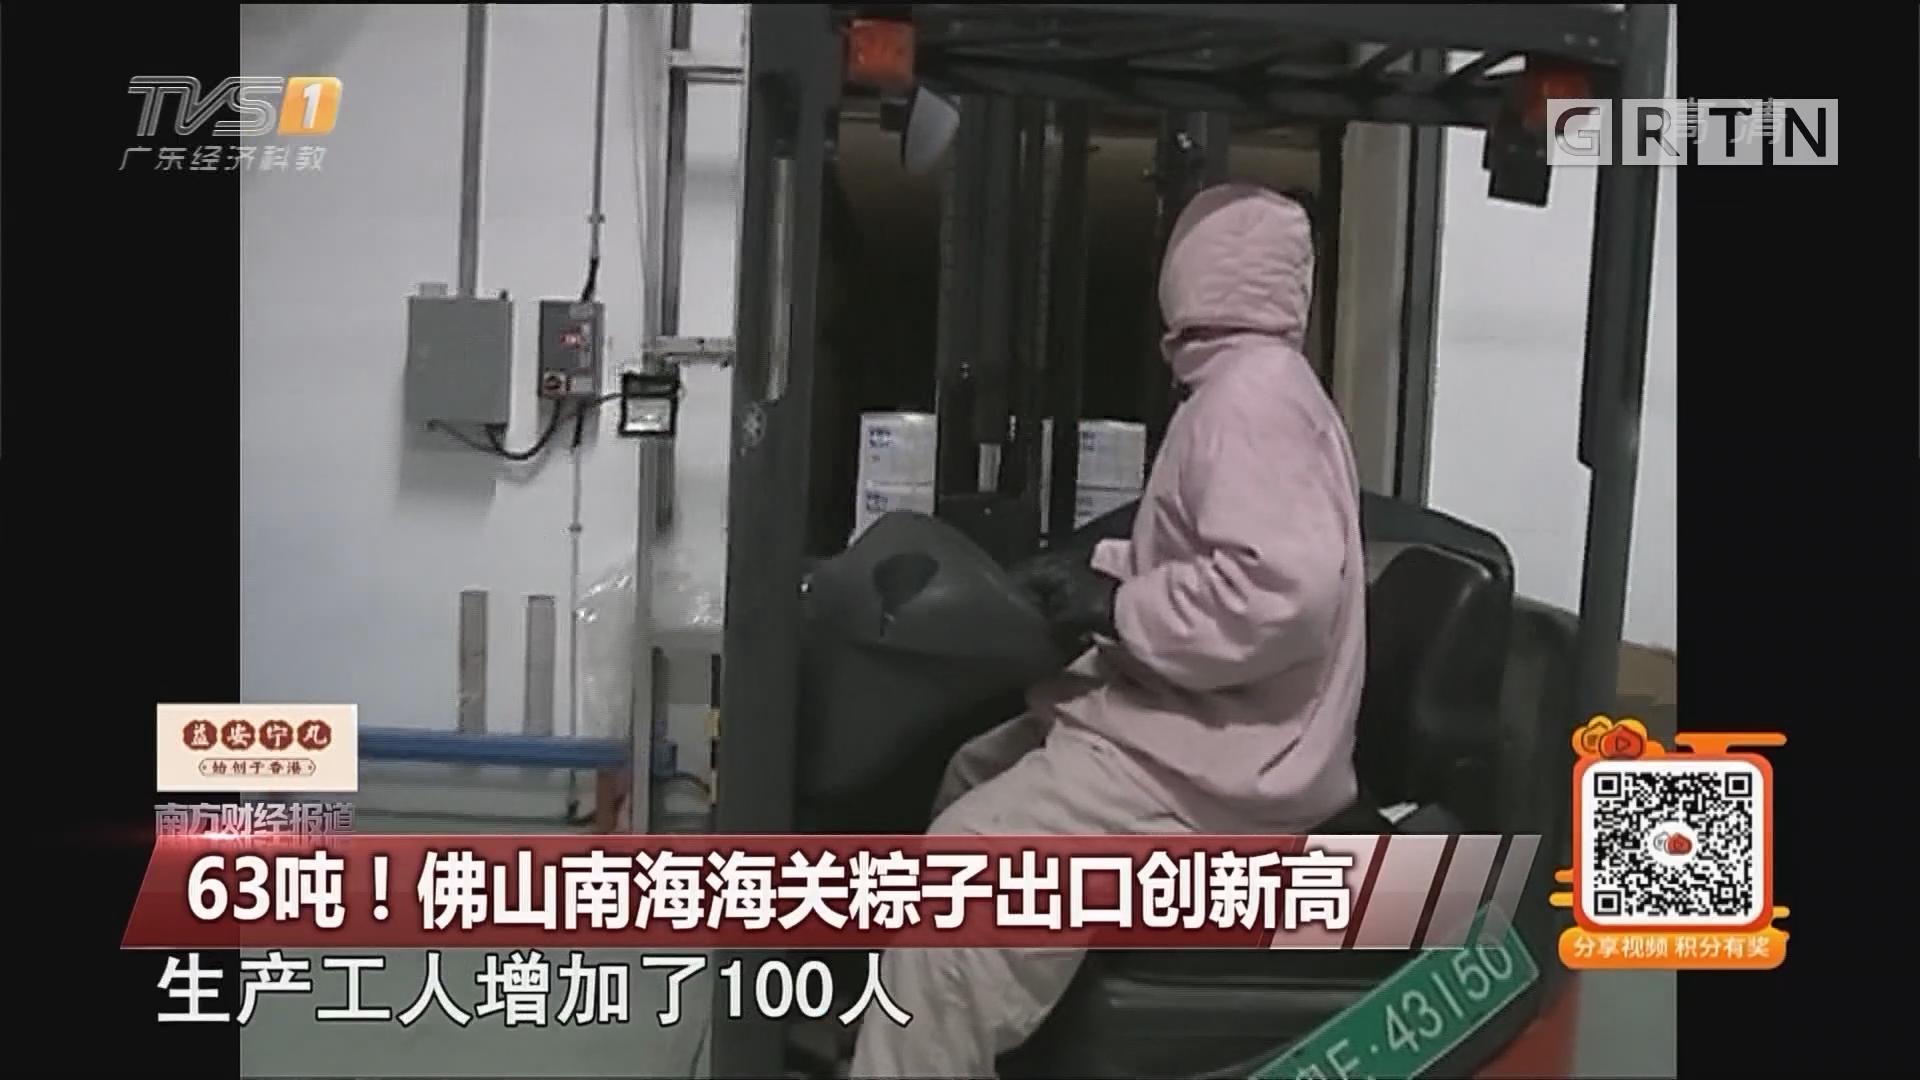 63吨!佛山南海海关粽子出口创新高